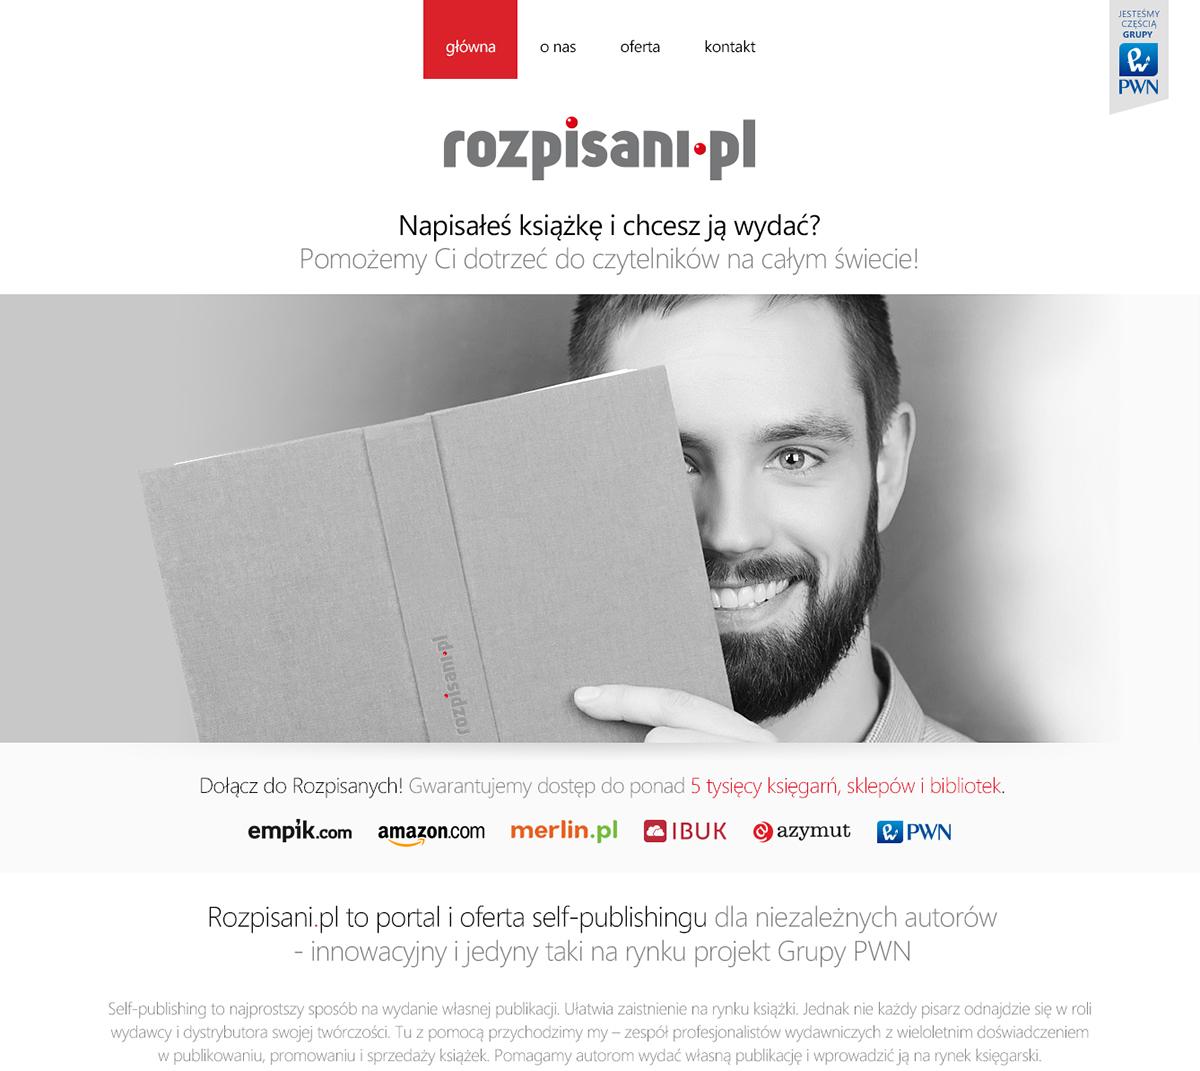 Selfpublishing pwn rozpisani.pl